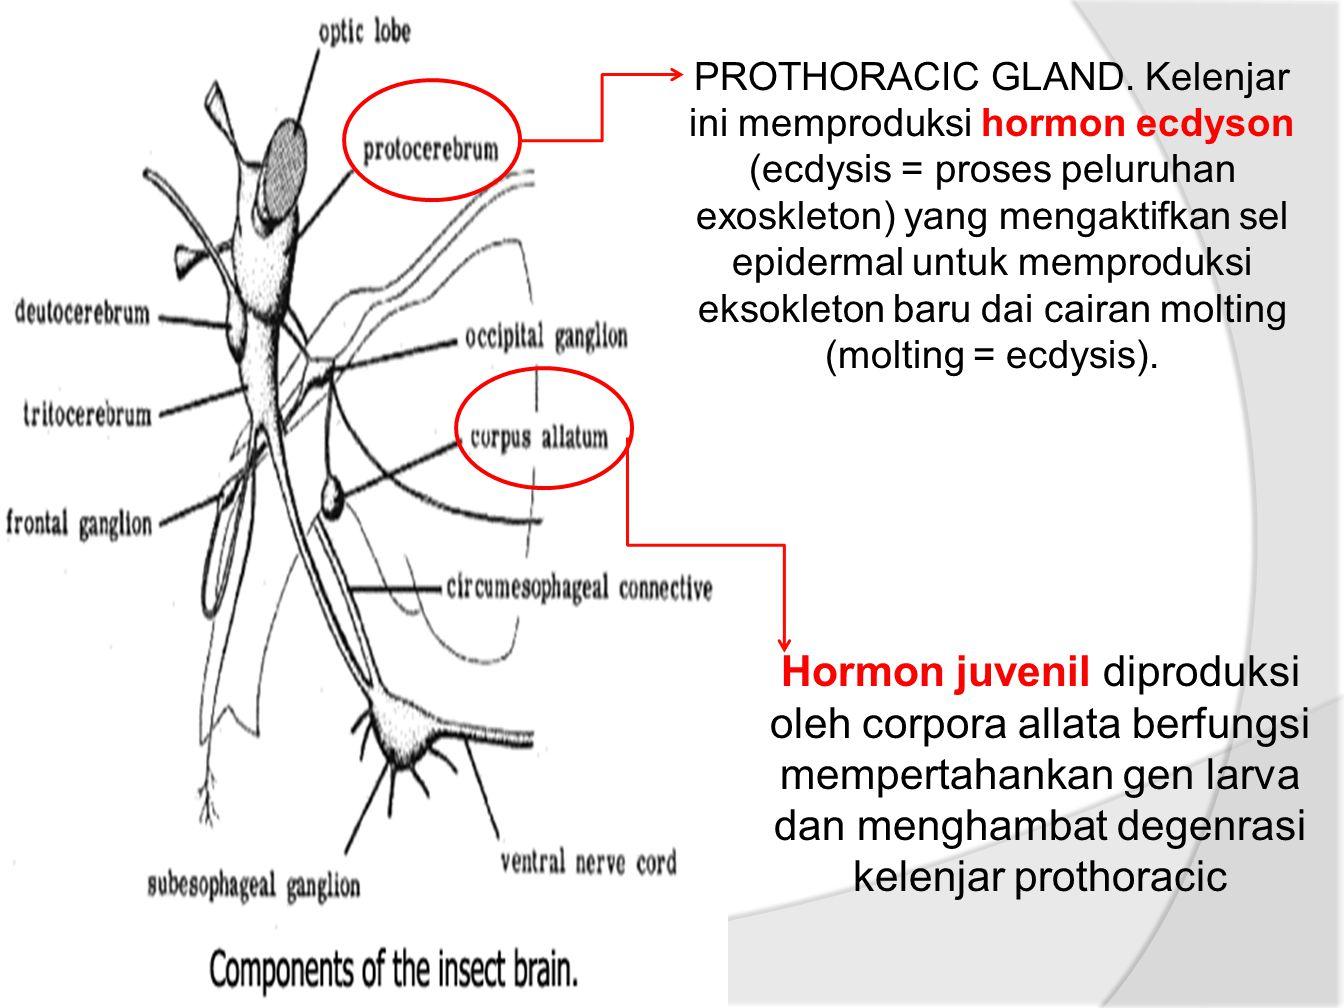 Hormon juvenil diproduksi oleh corpora allata berfungsi mempertahankan gen larva dan menghambat degenrasi kelenjar prothoracic PROTHORACIC GLAND.